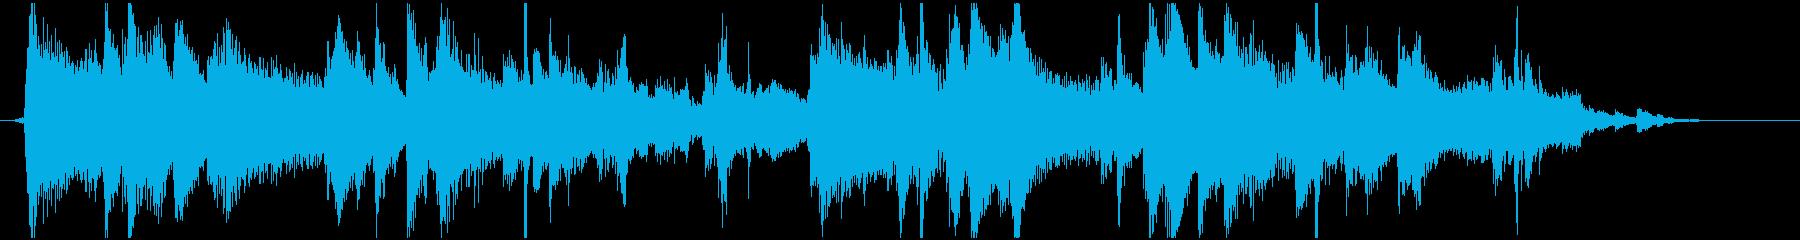 ジャジーでクールなジングルの再生済みの波形